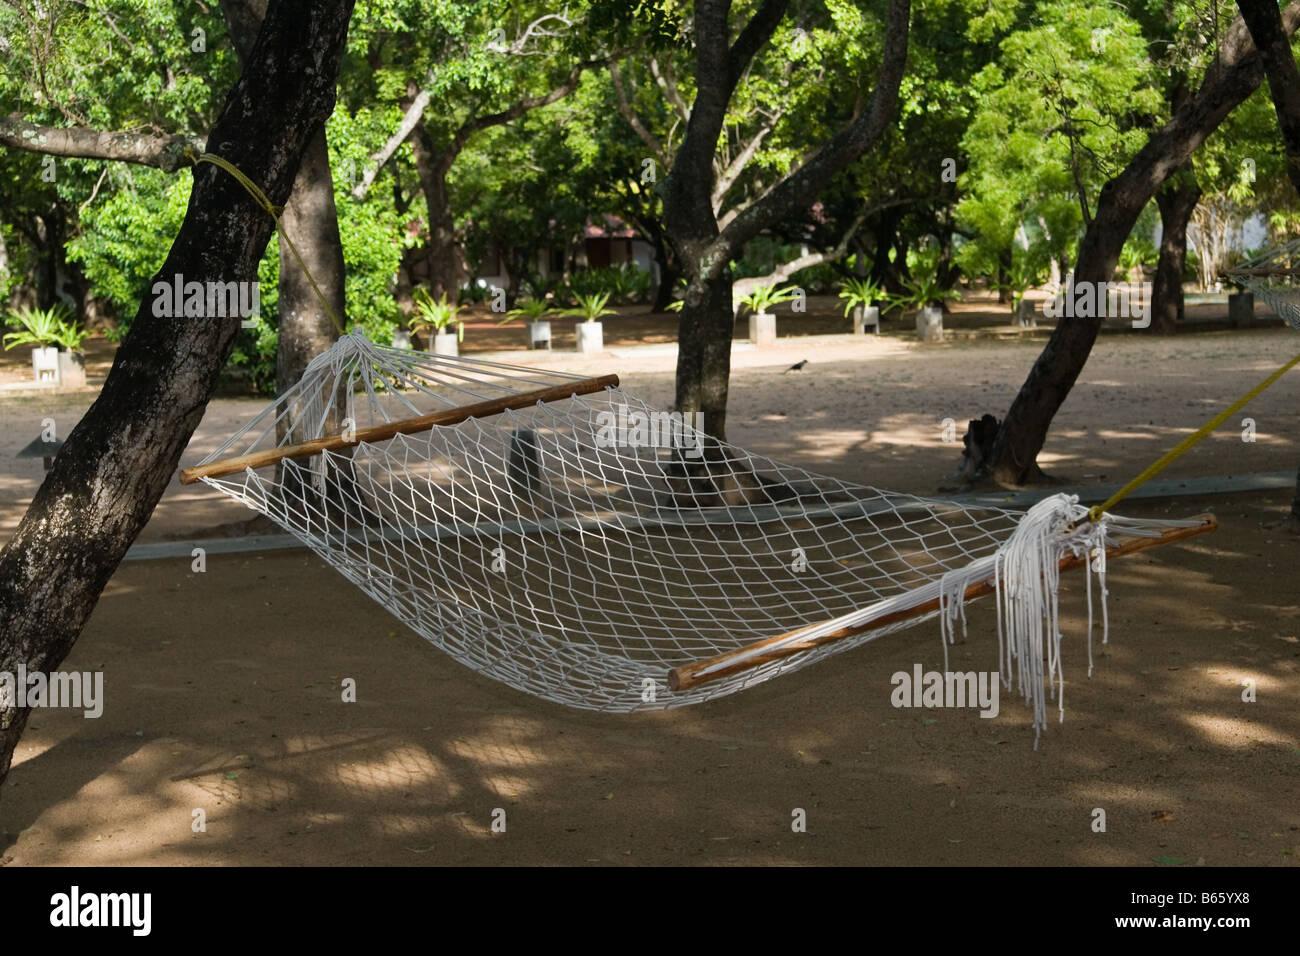 A hammock under shady green trees - Stock Image